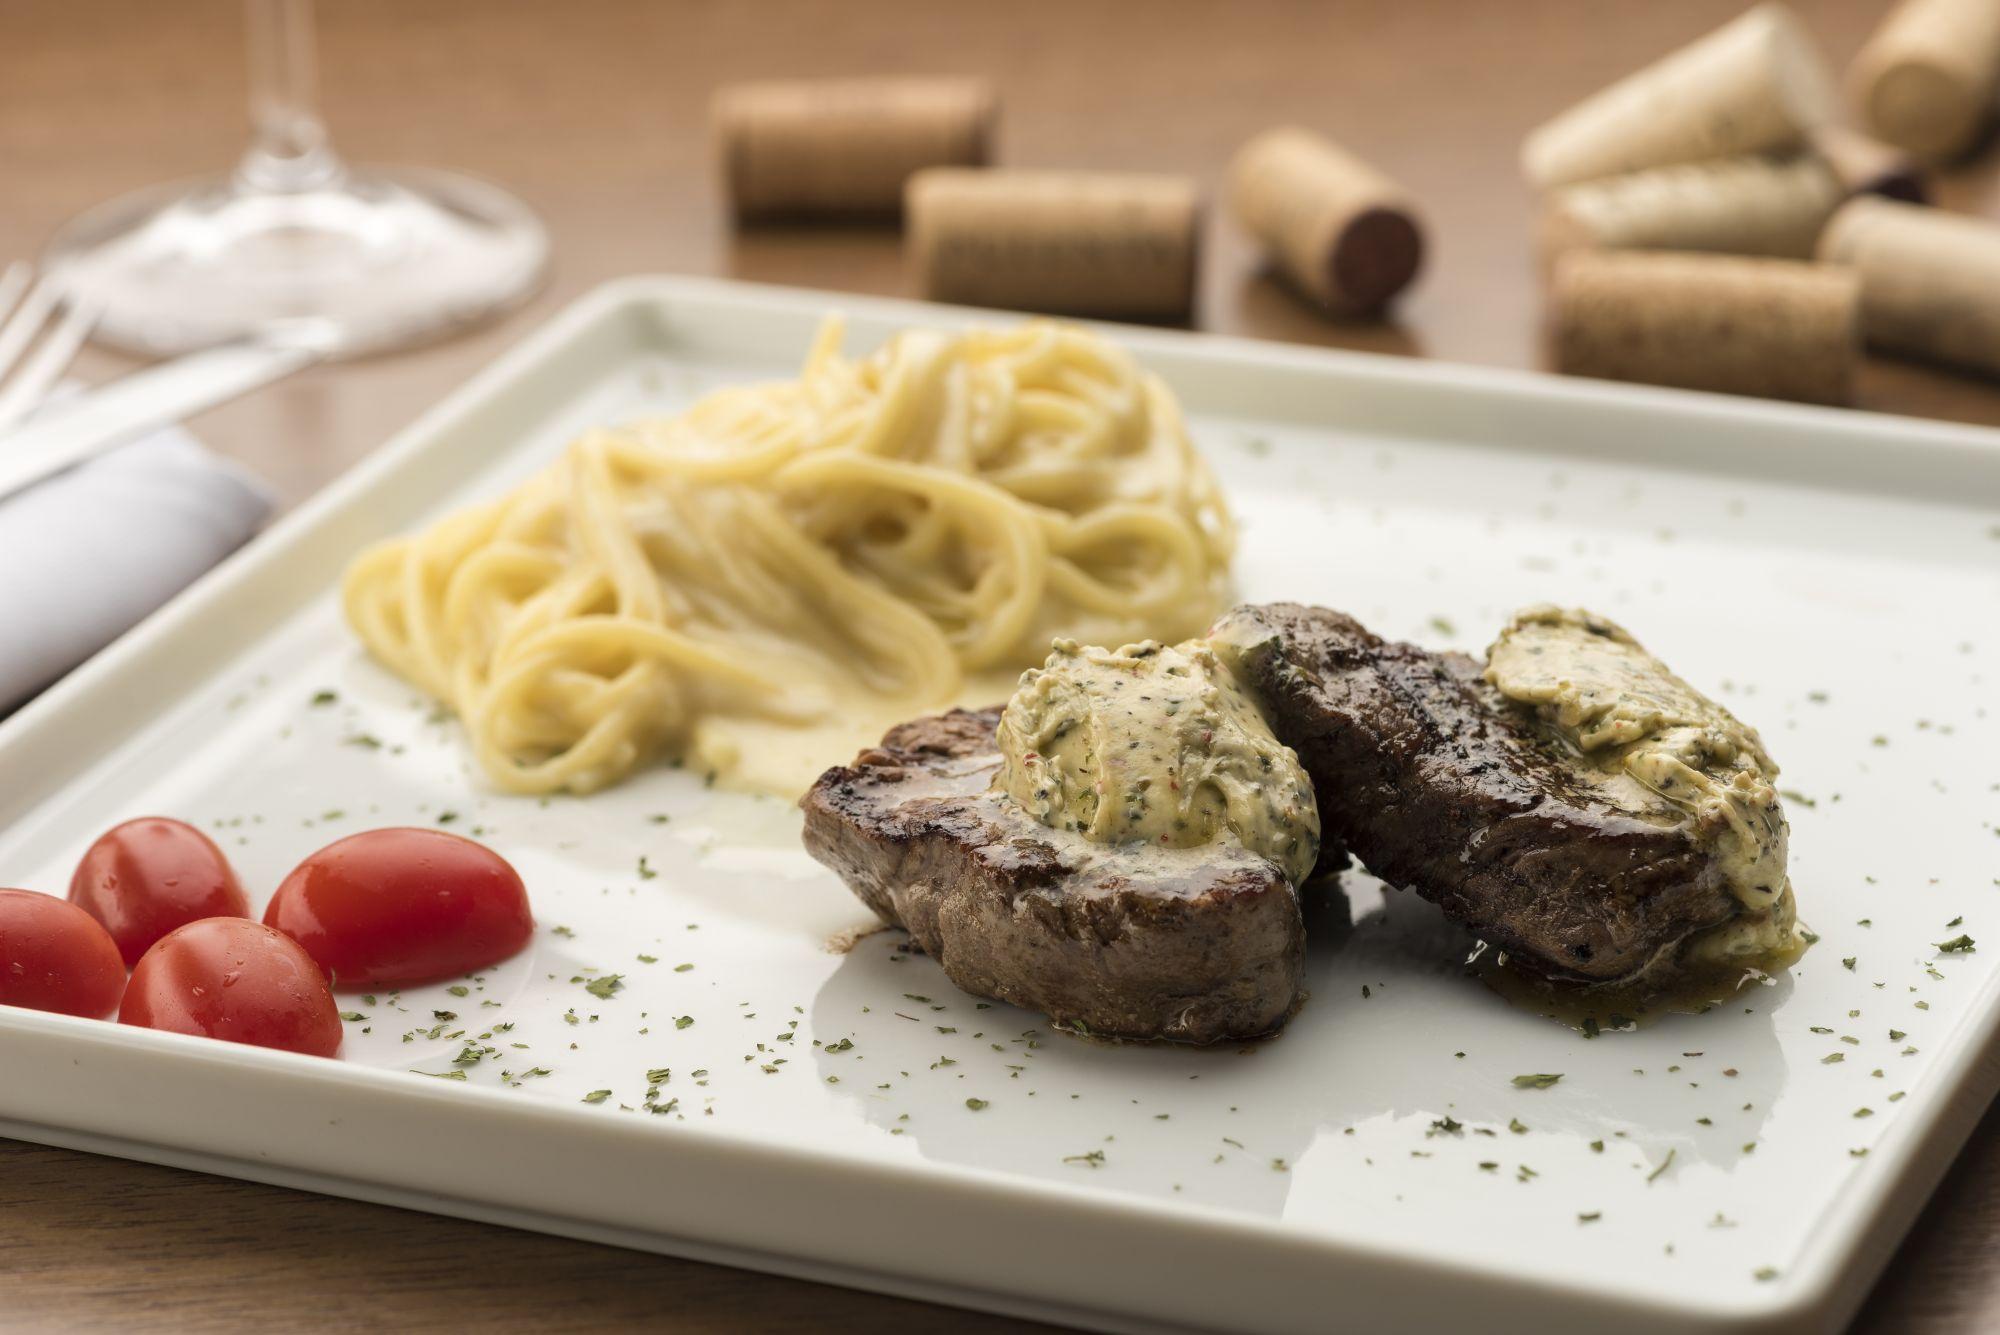 15 restaurantes para jantar em Curitiba às segundas-feiras